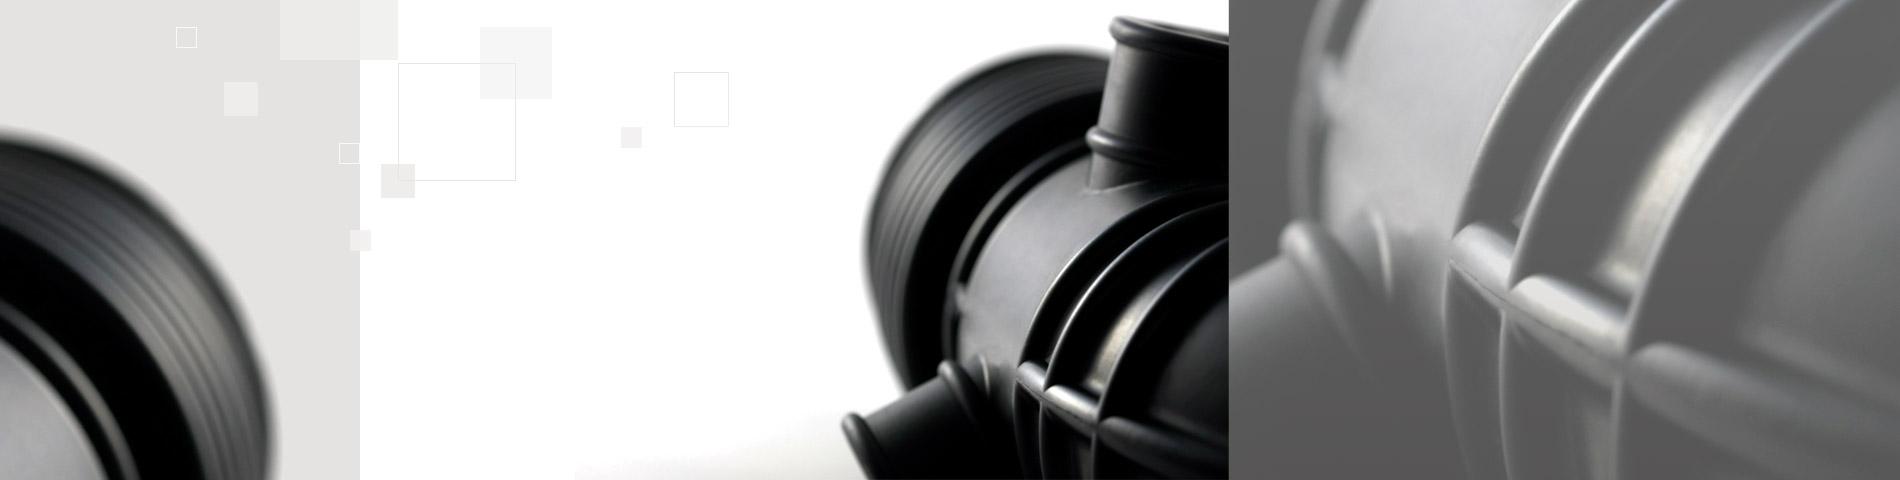 專業製造 客製化橡矽膠製品